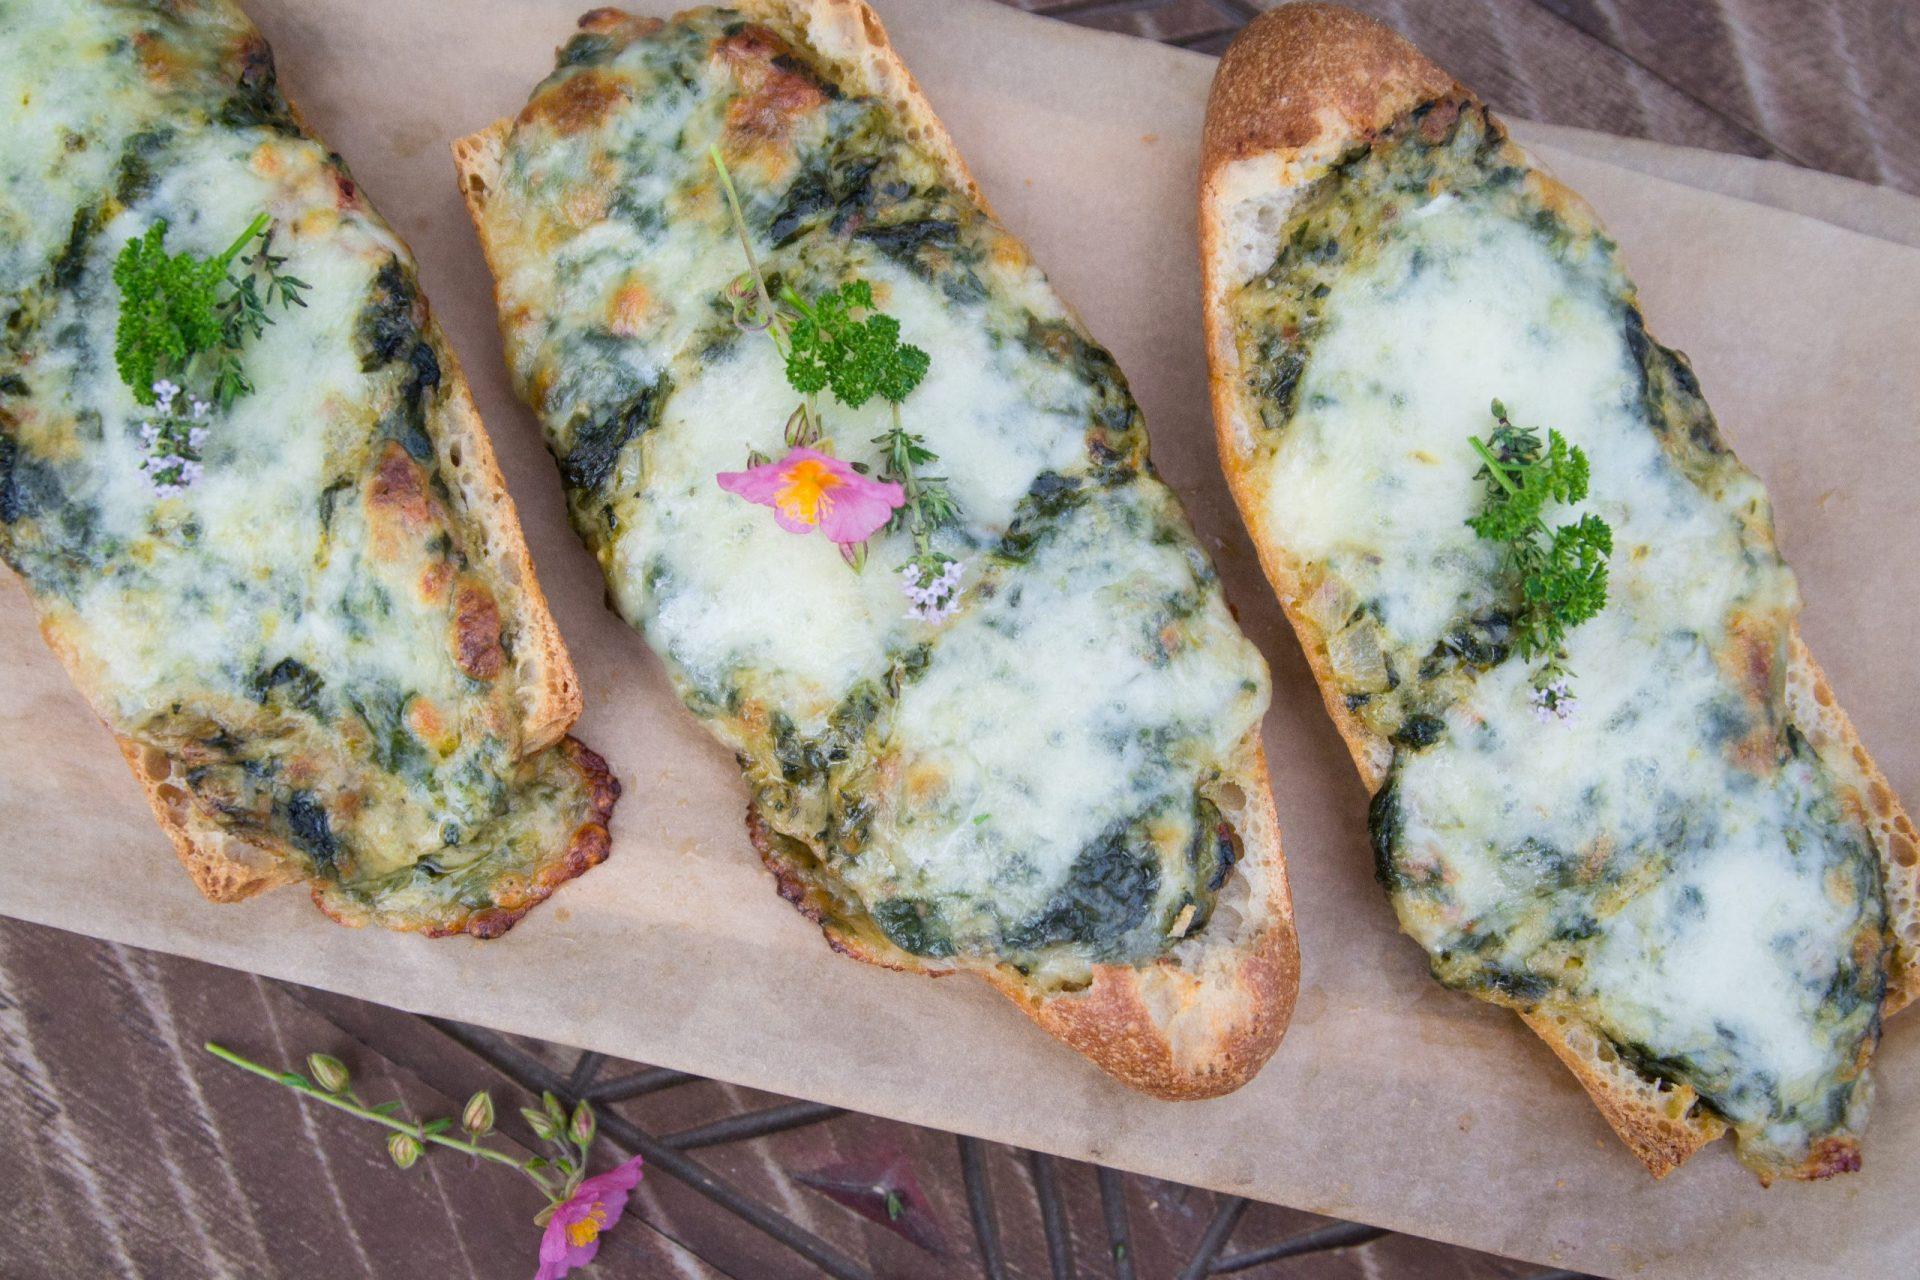 Gefülltes Baguette mit Blattspinat und Käse